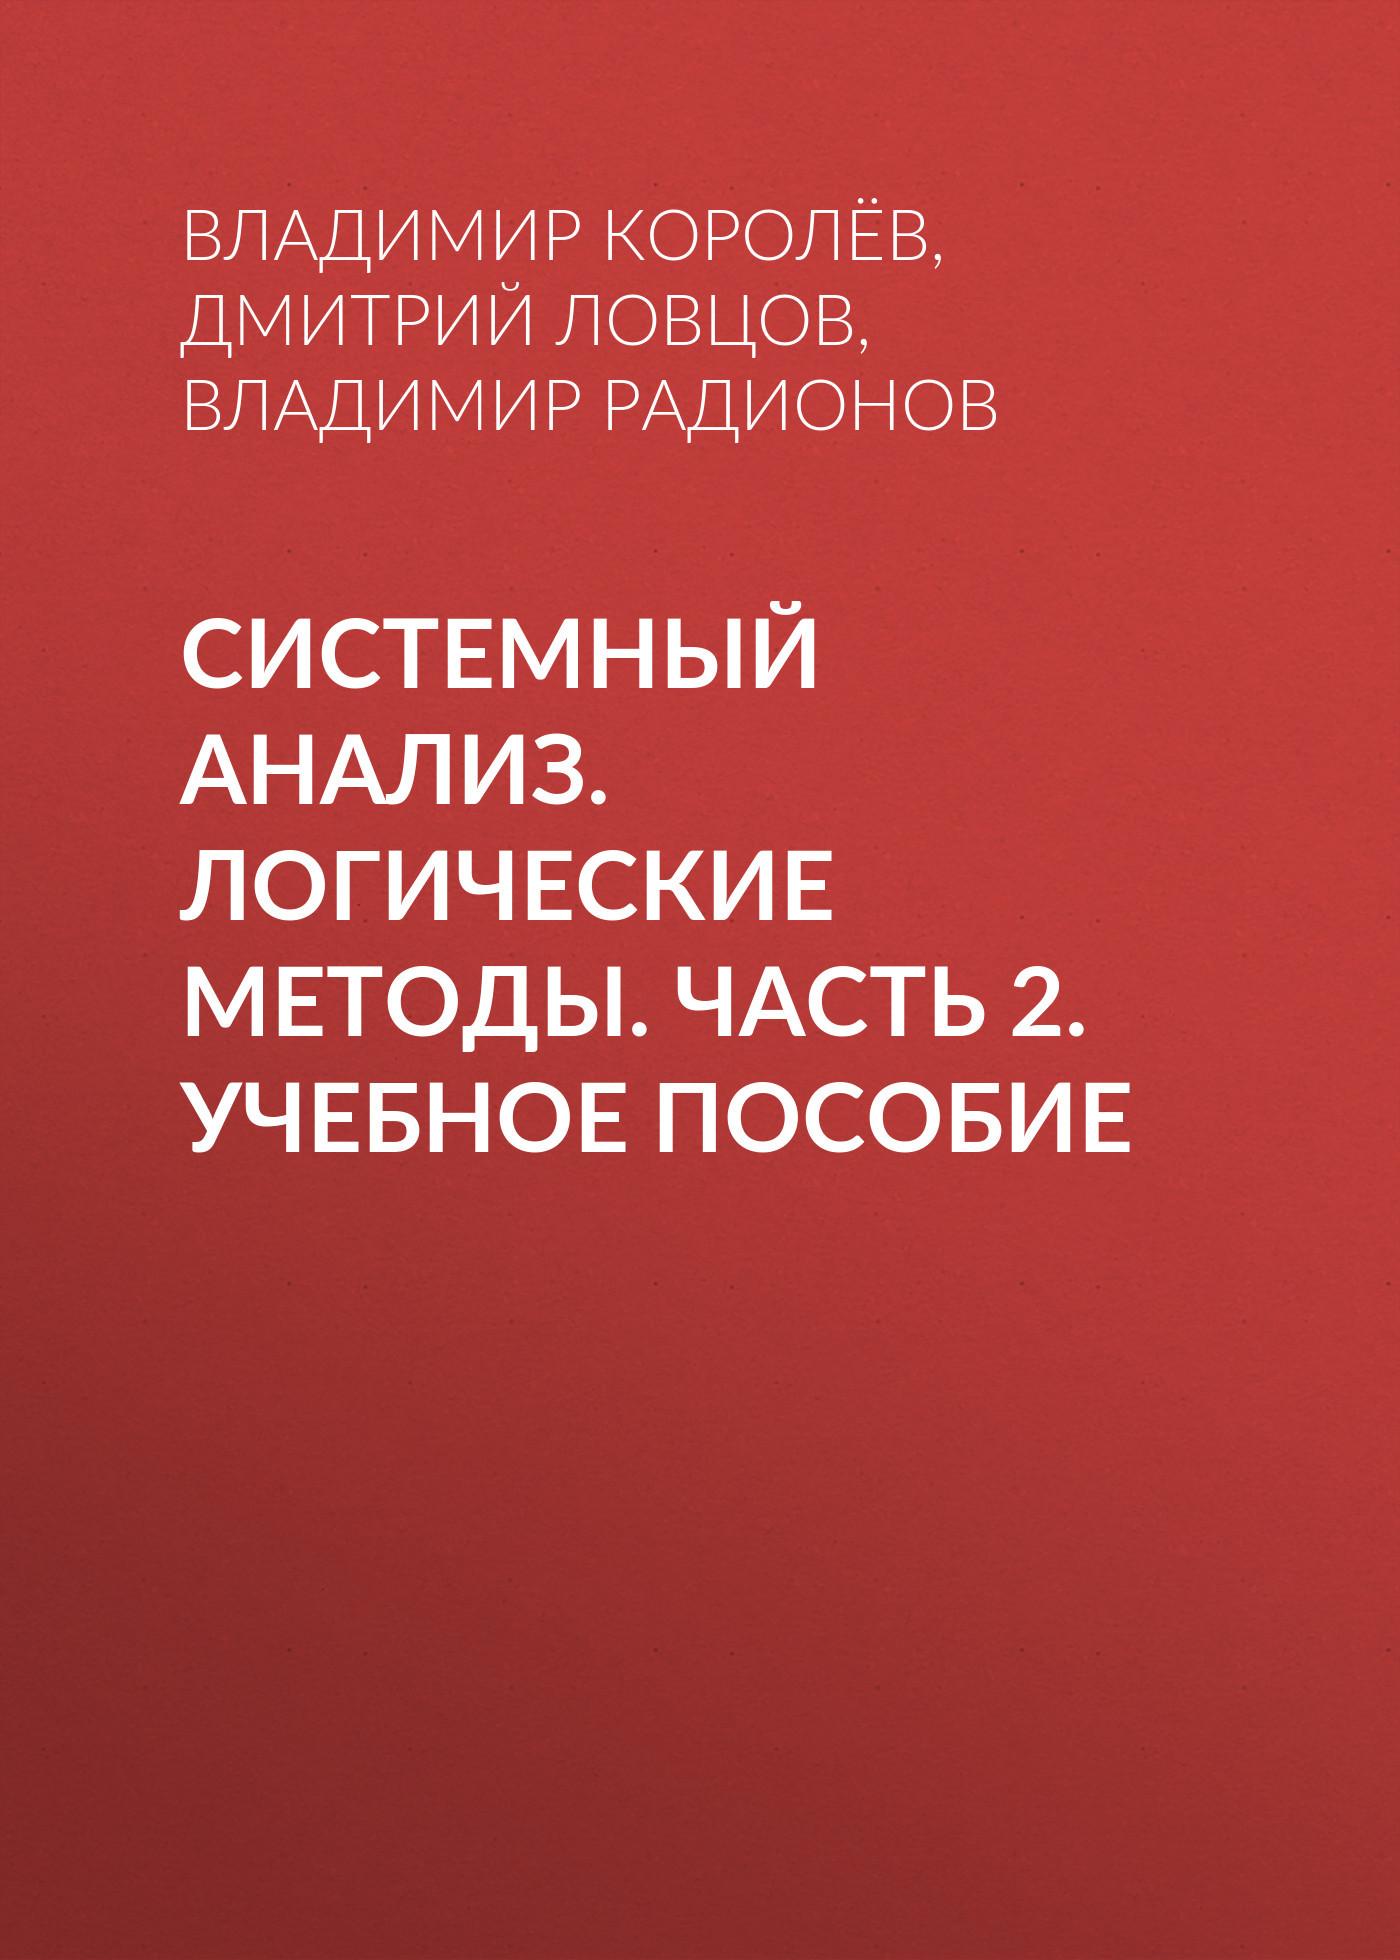 Владимир Королёв бесплатно